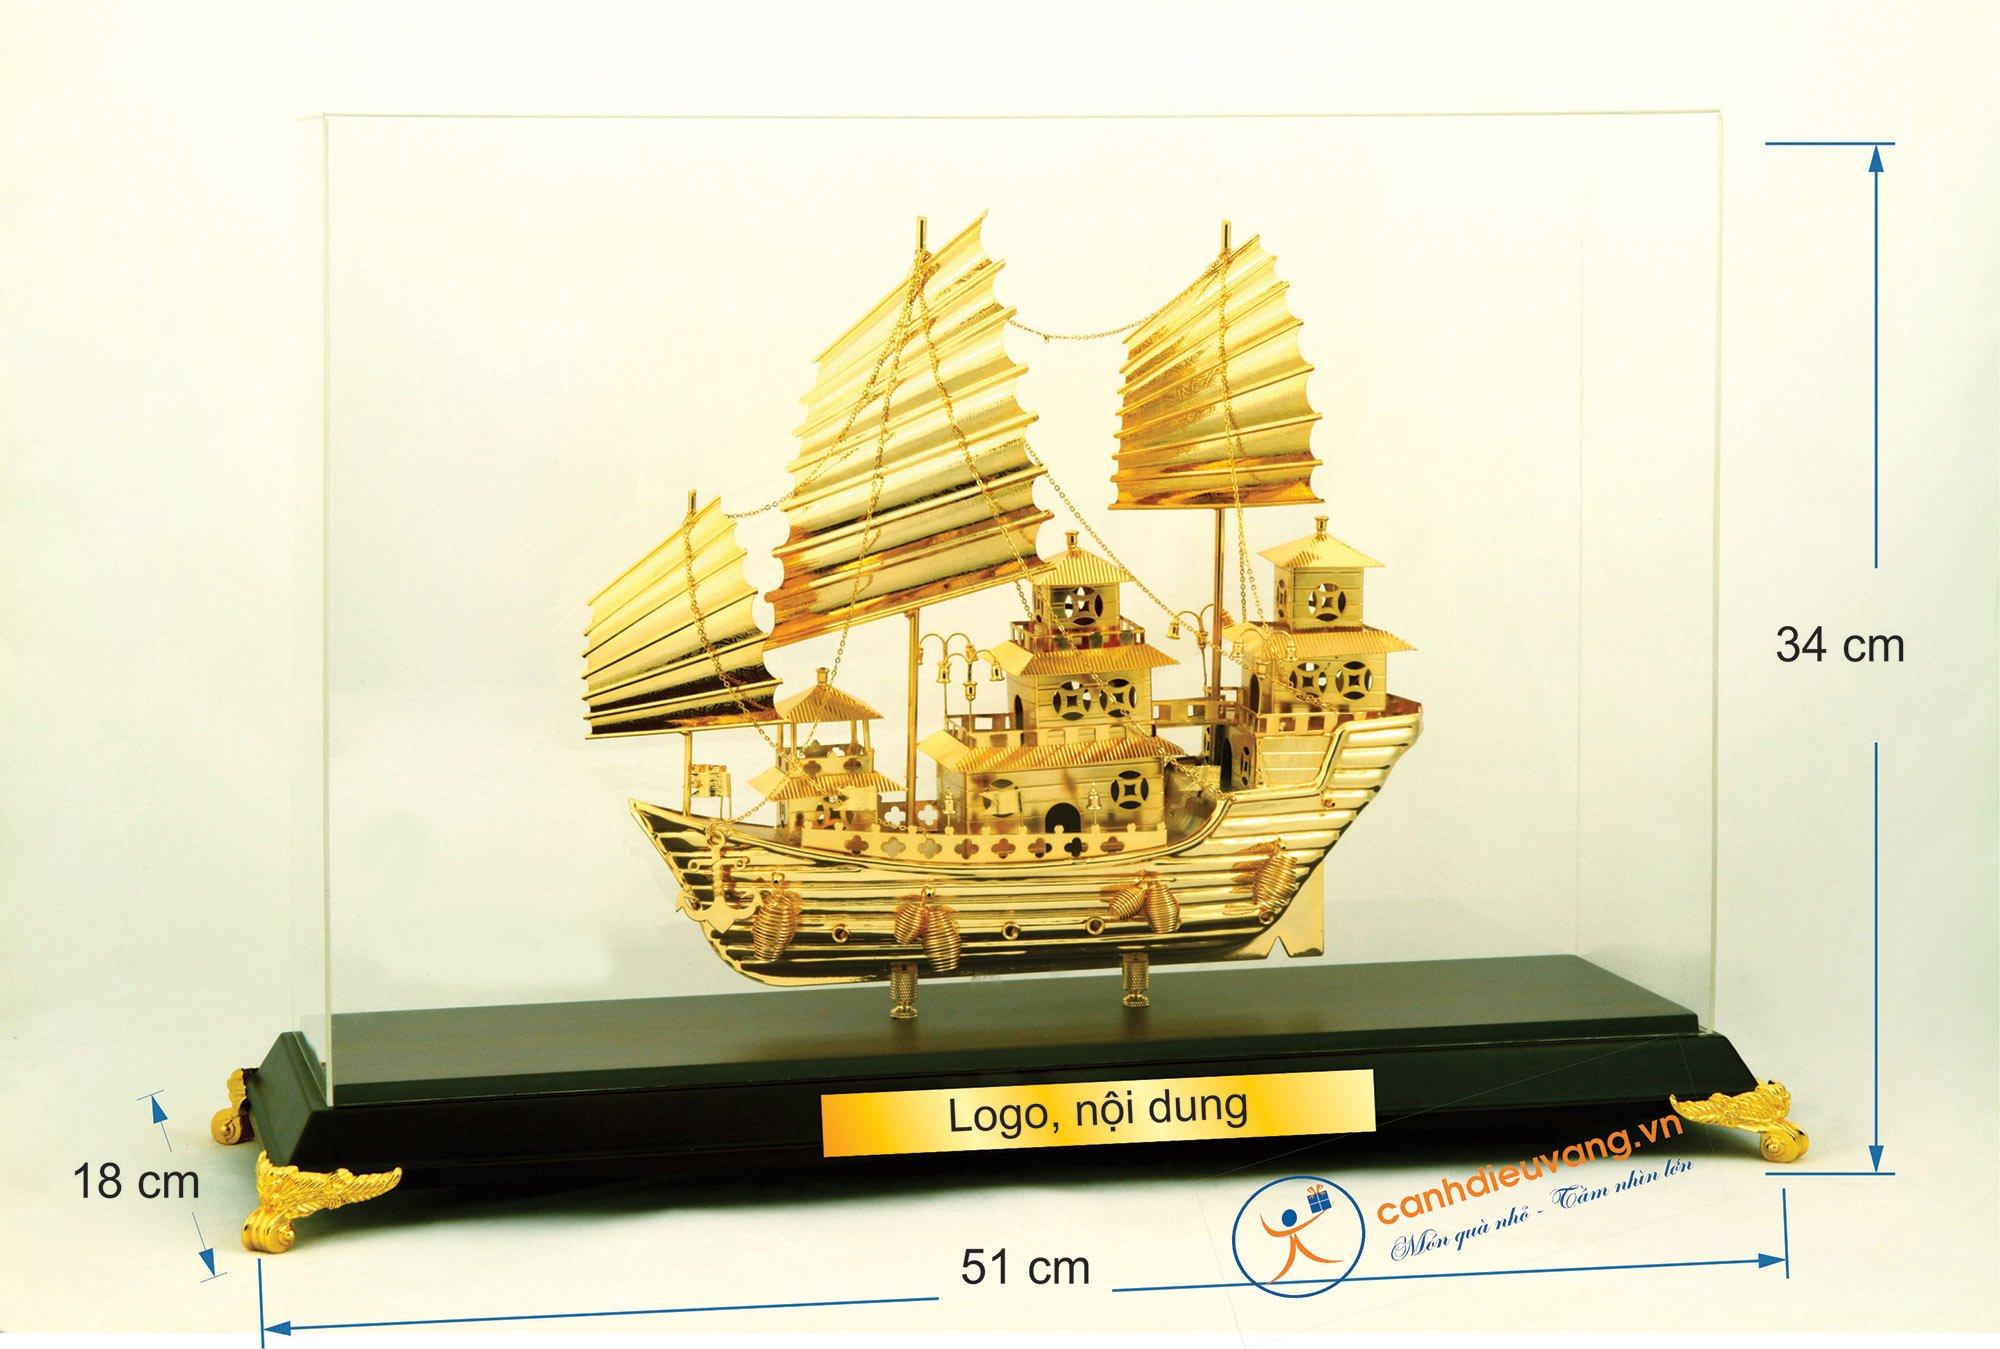 Thuyền buồm mạ vàng cỡ đại 411